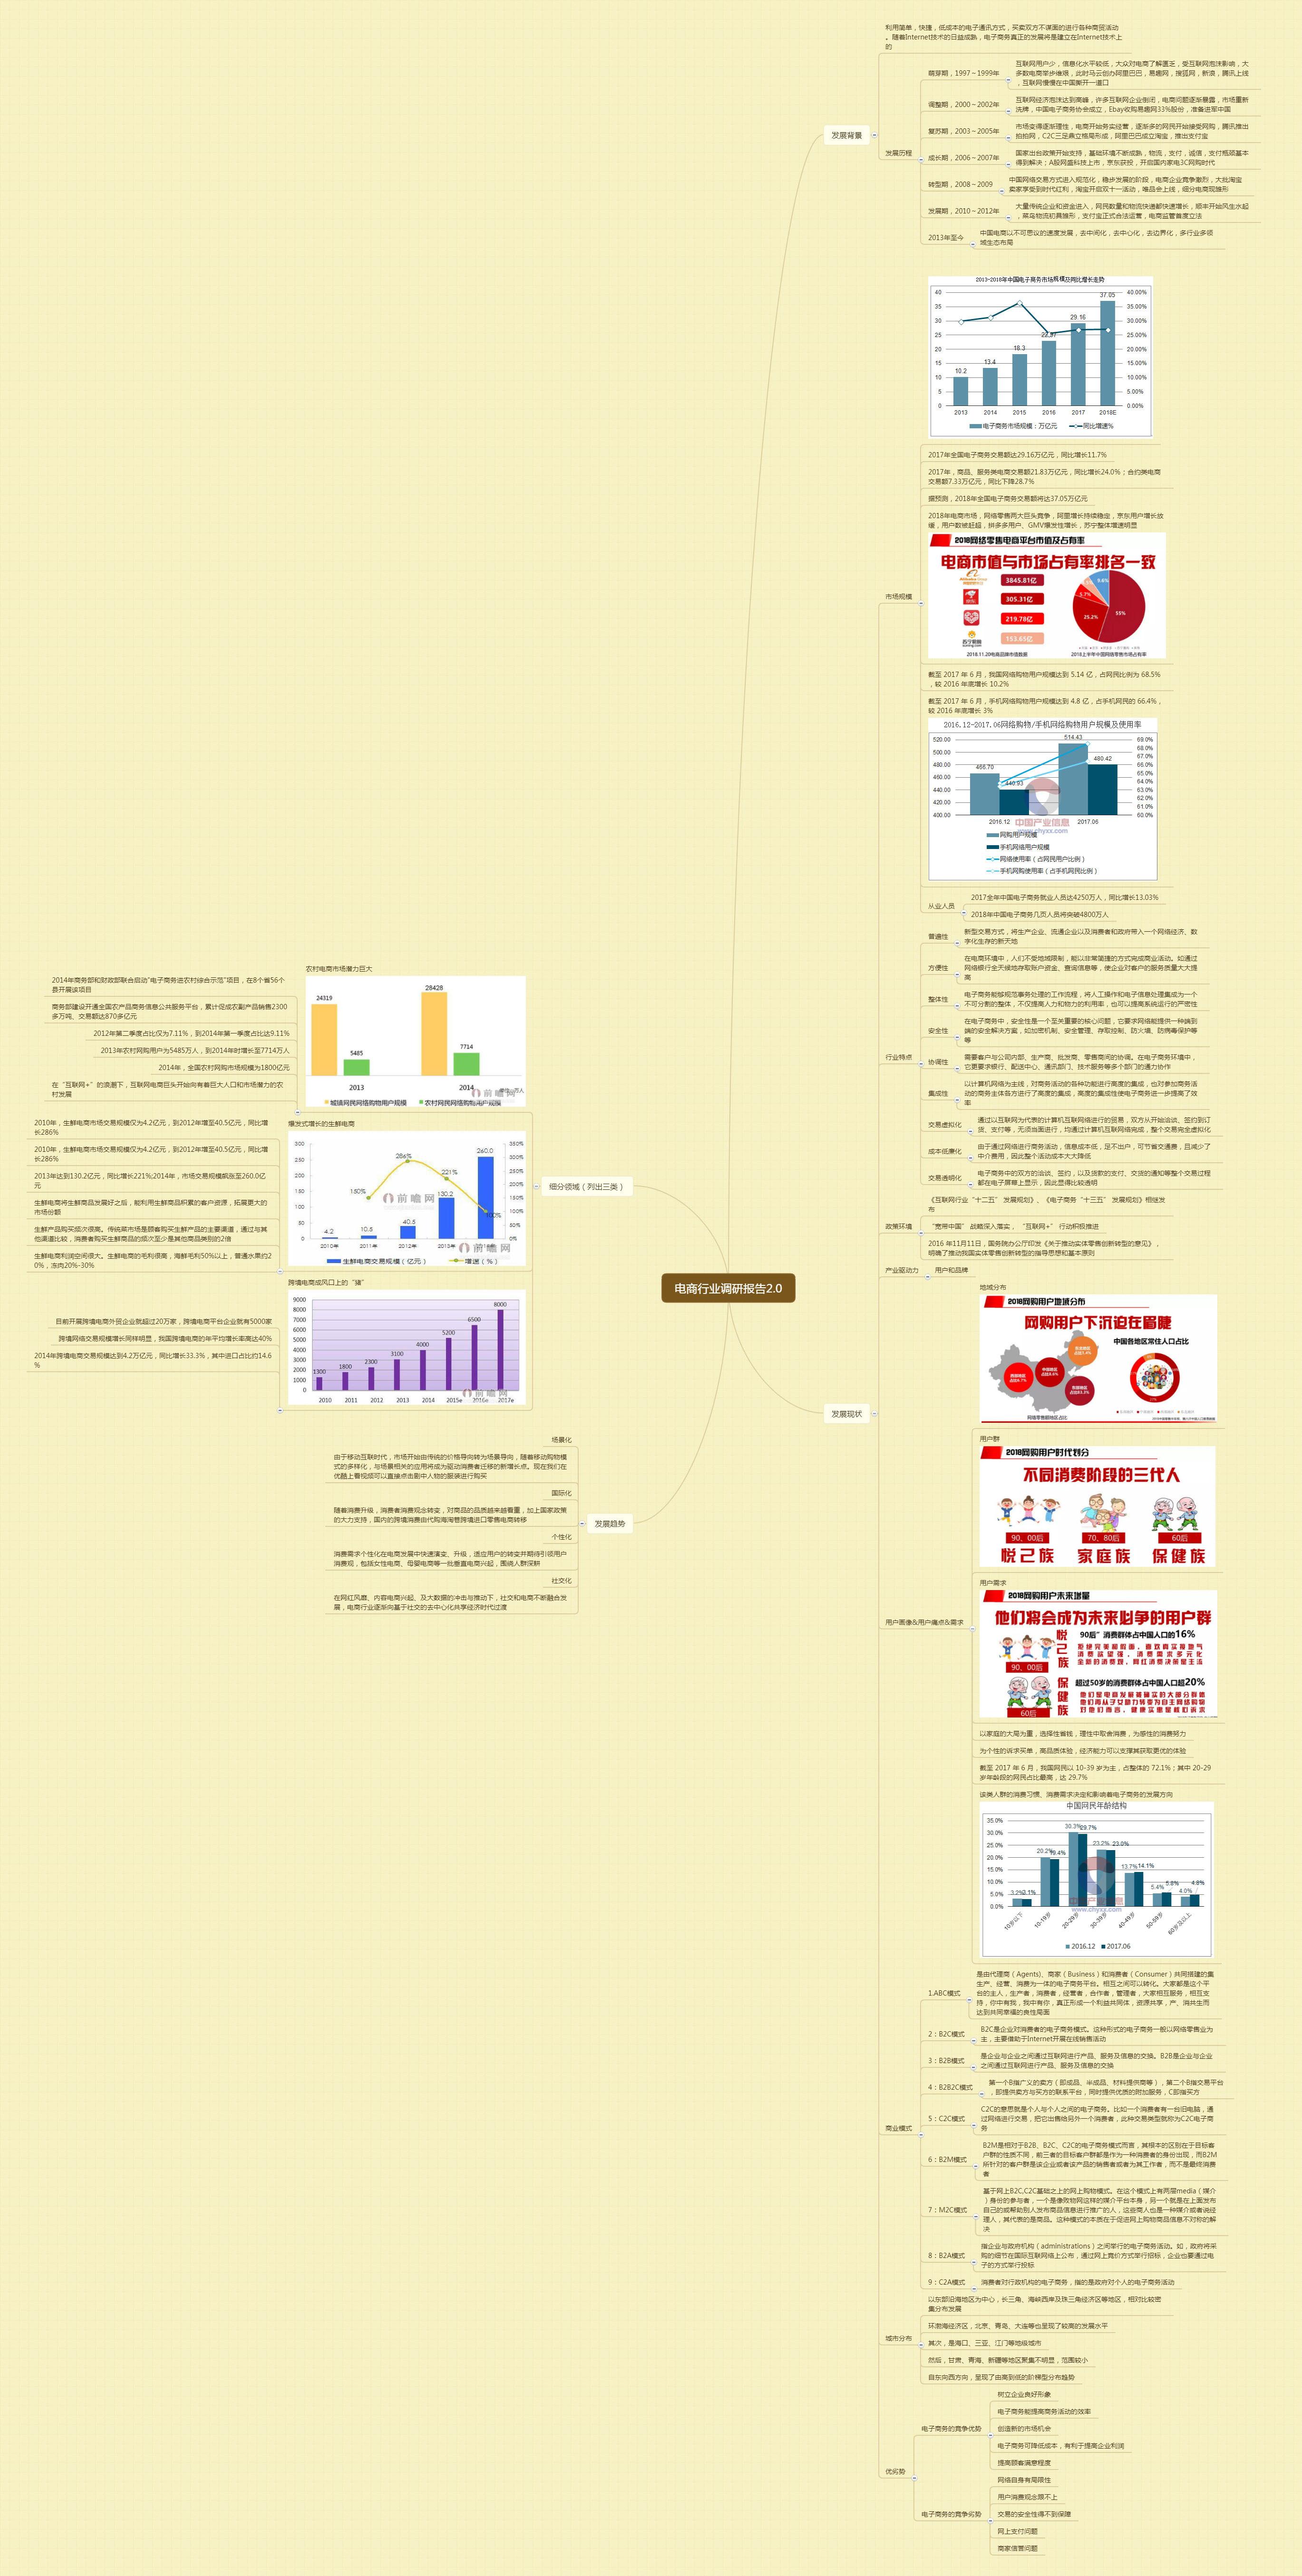 电商行业调研报告3.jpg